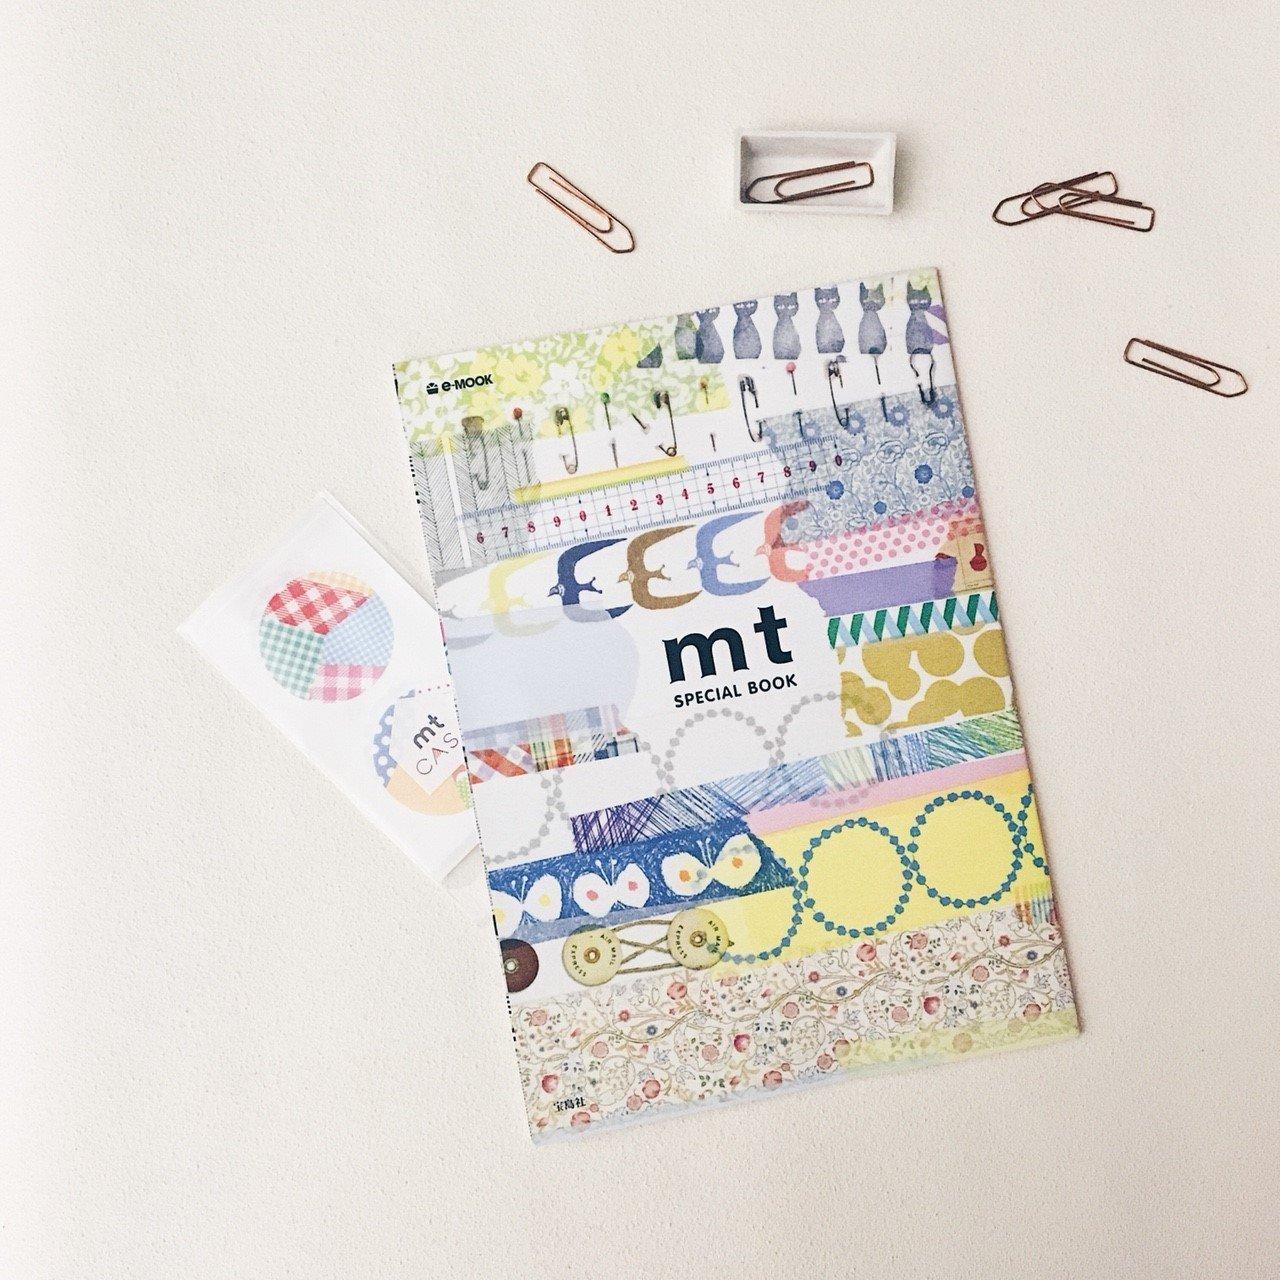 茄子先生私藏开箱|纸胶带杂志:《mt SPECIAL BOOK》